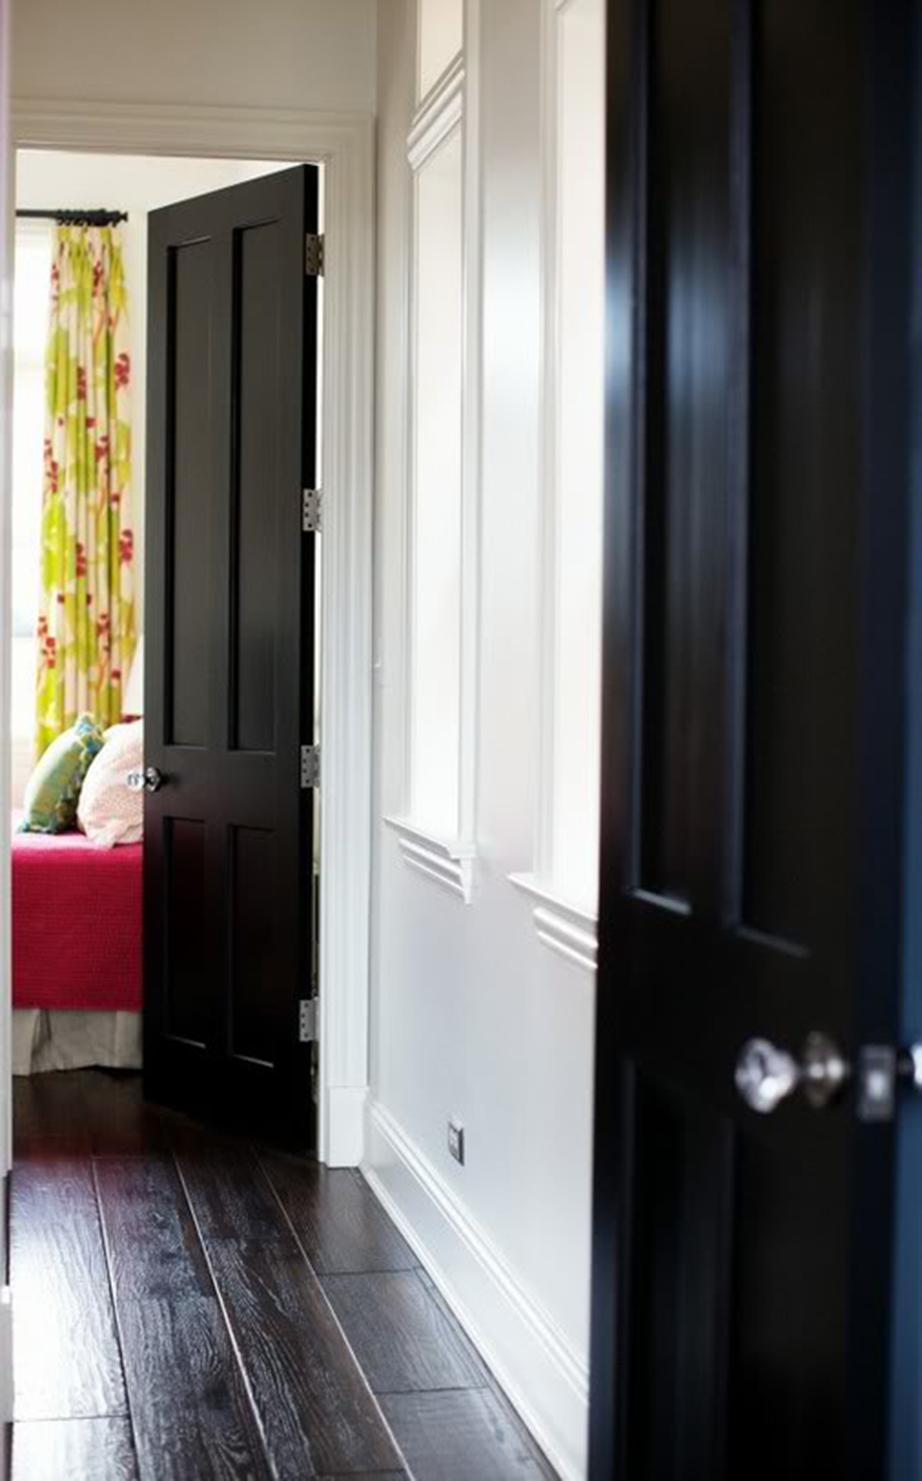 Φενγκ Σούι: 6 Πράγματα που Μπλοκάρουν την Ευημερία στο Σπίτι